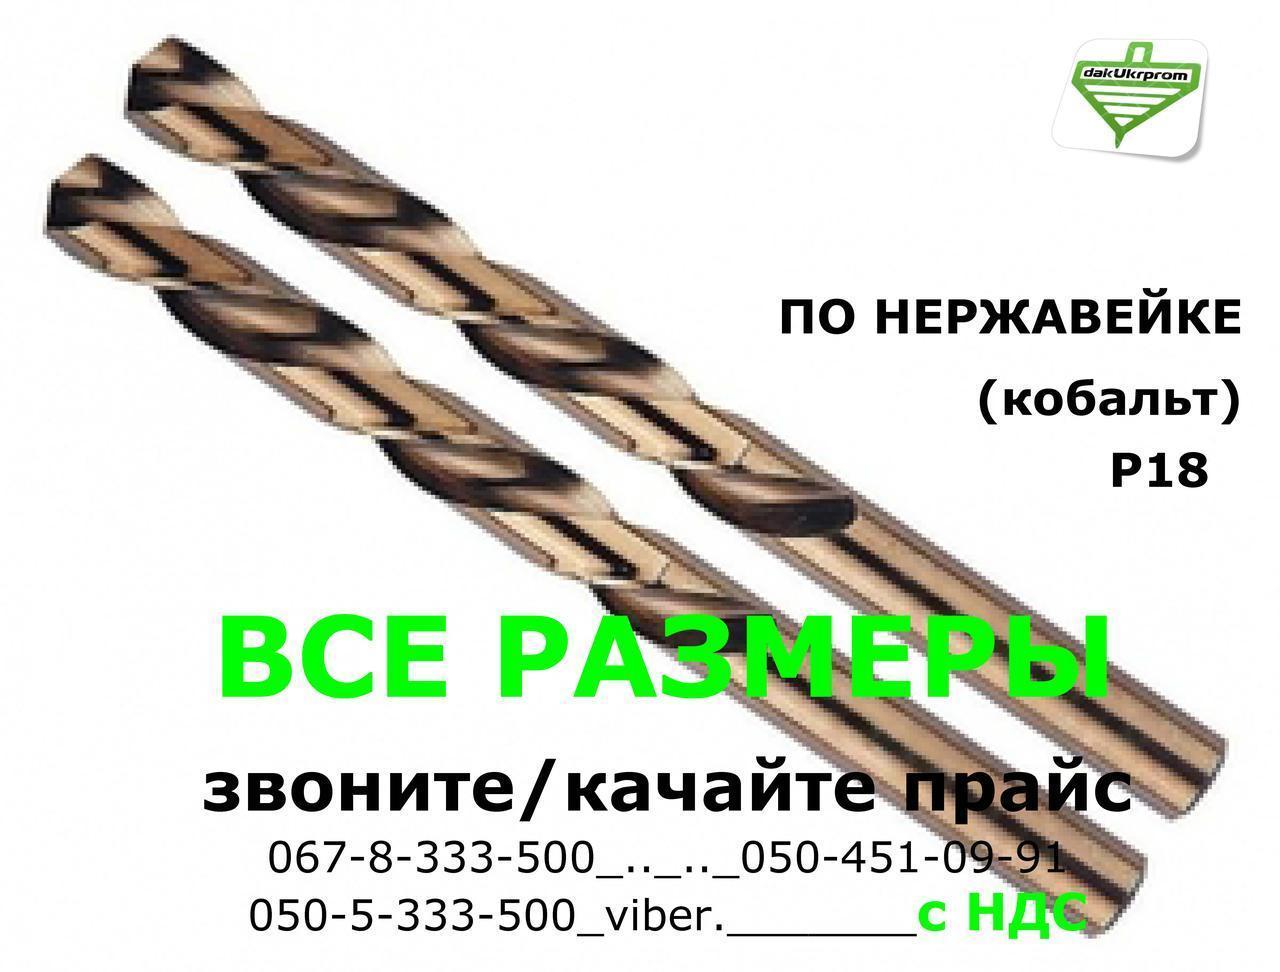 Сверло по нержавейке Р18 - 3,5 мм, (кобальт) промышленного назначения ГОСТ-10902 (DIN338 G-Co)